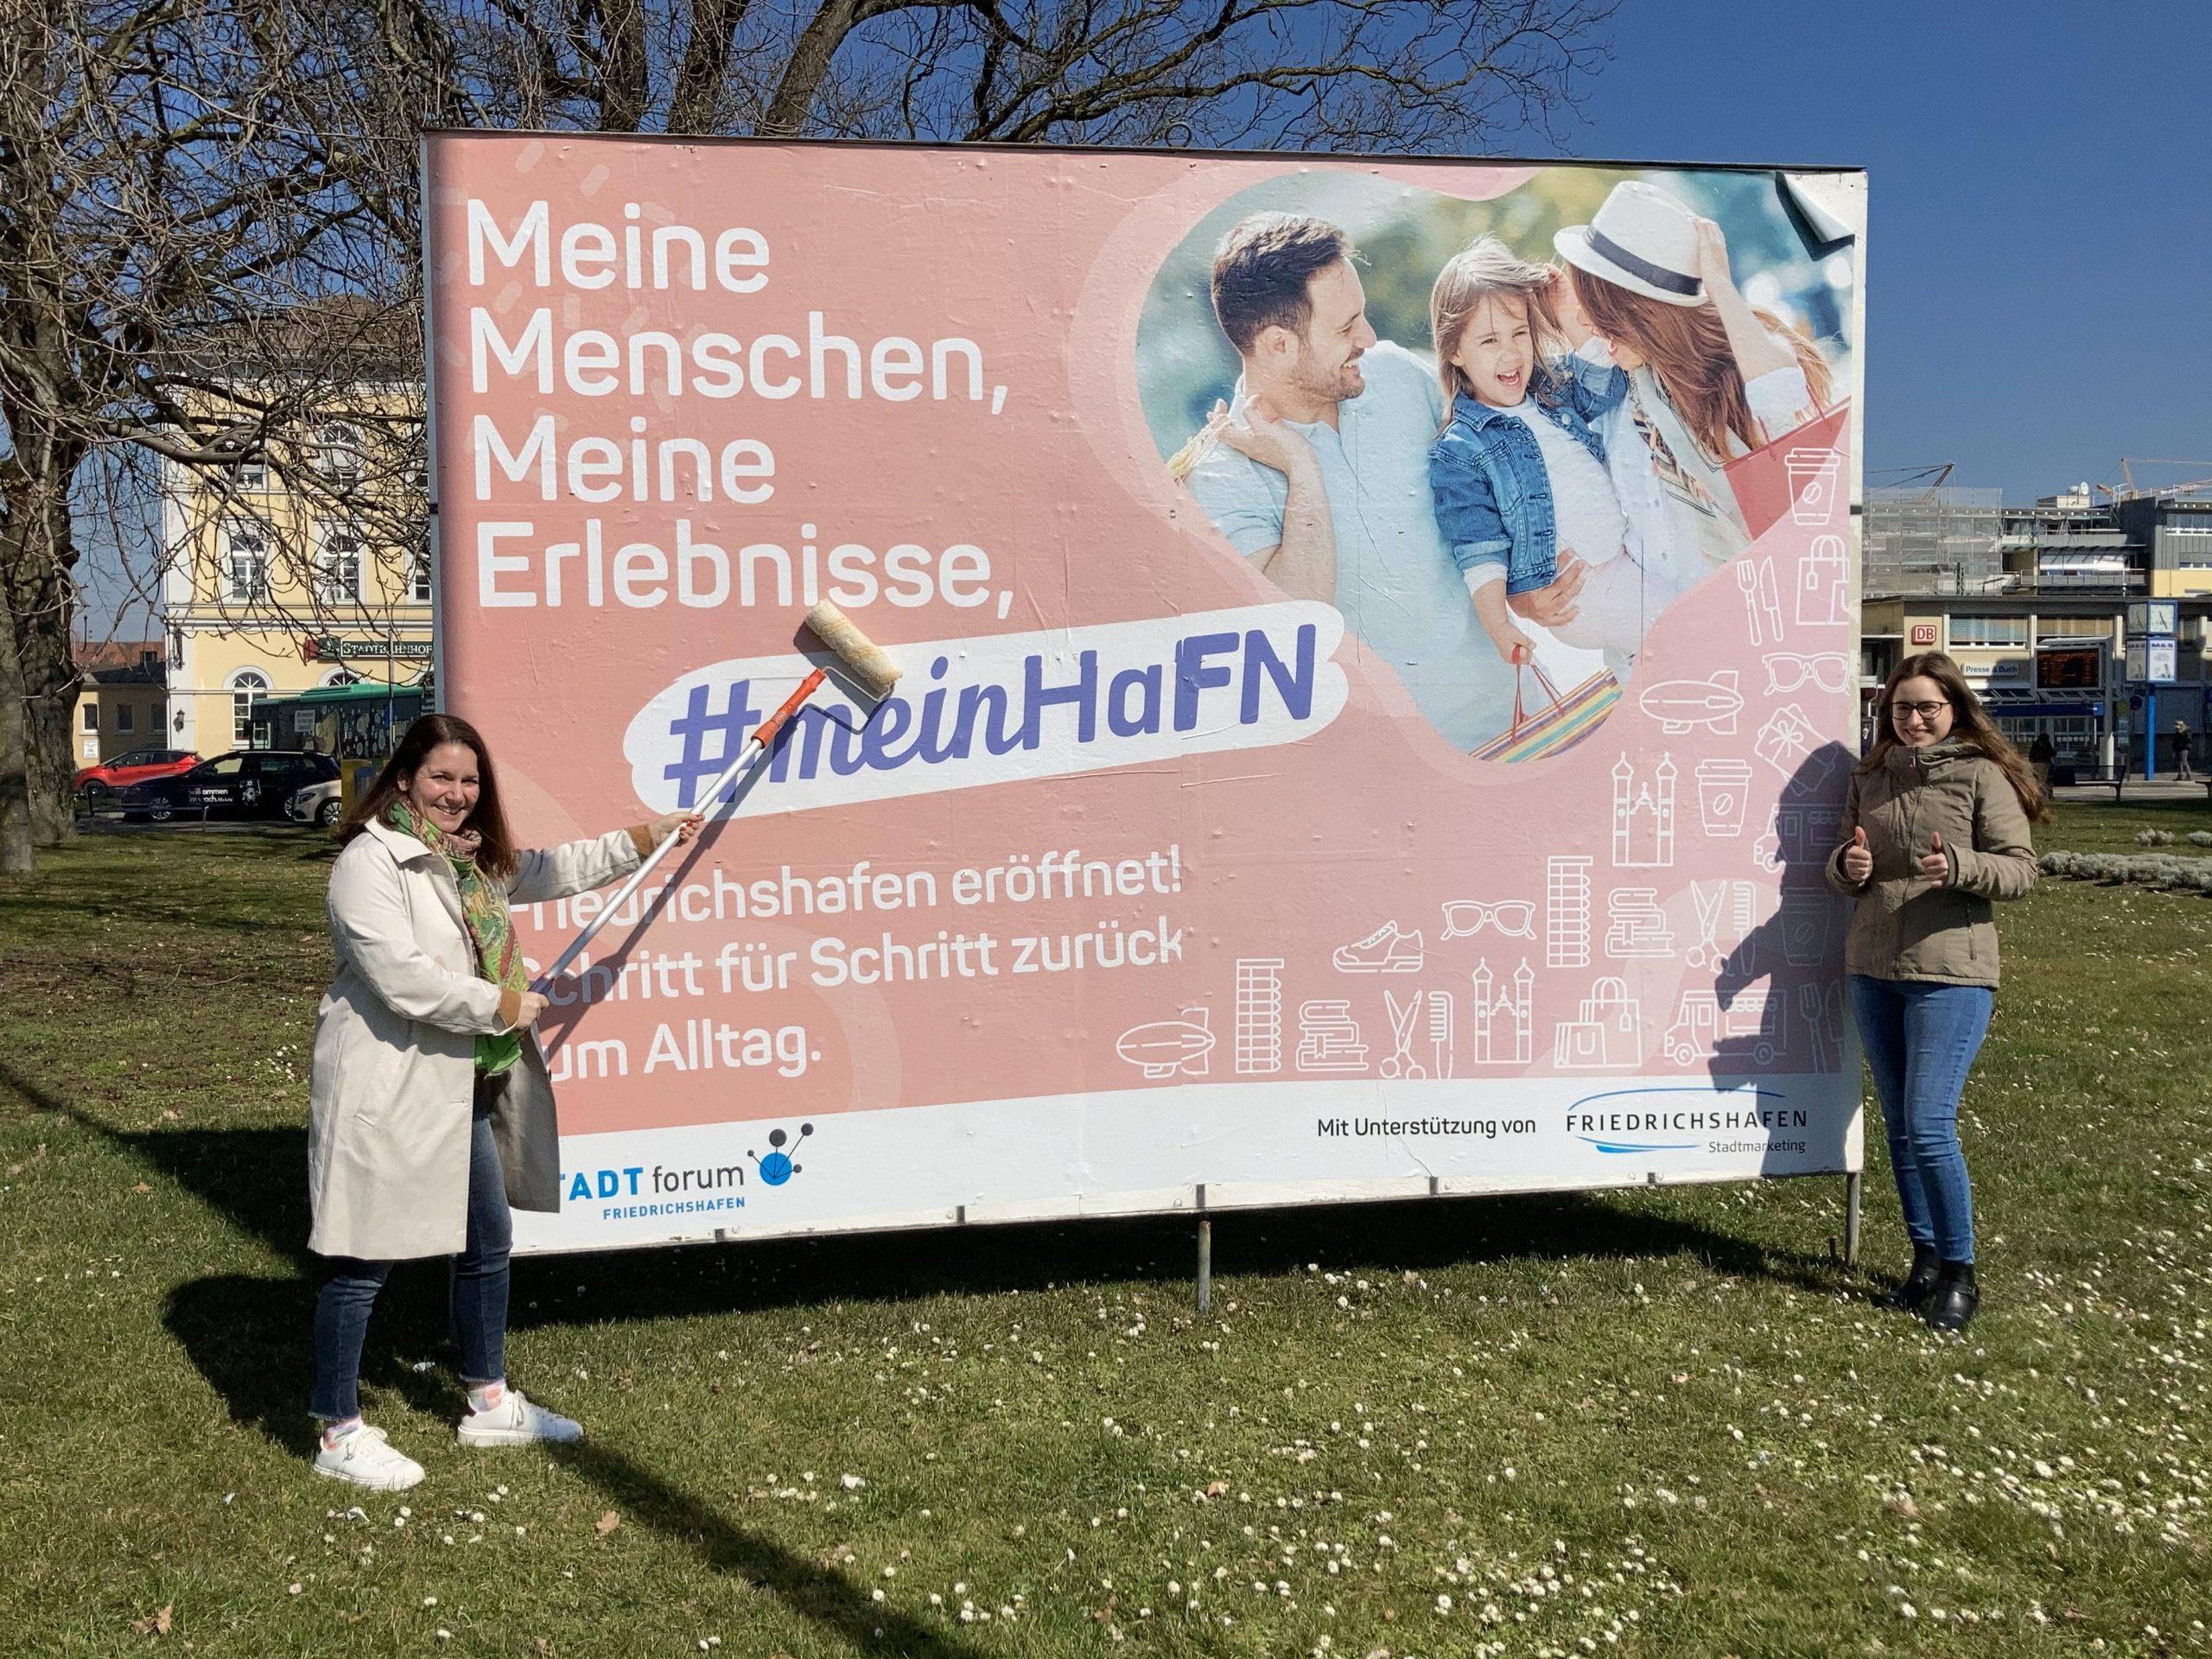 Plakatierung mit Großflächenplakat – Fotografin Carina Bonanno – © Stadtmarketing Friedrichshafen GmbH